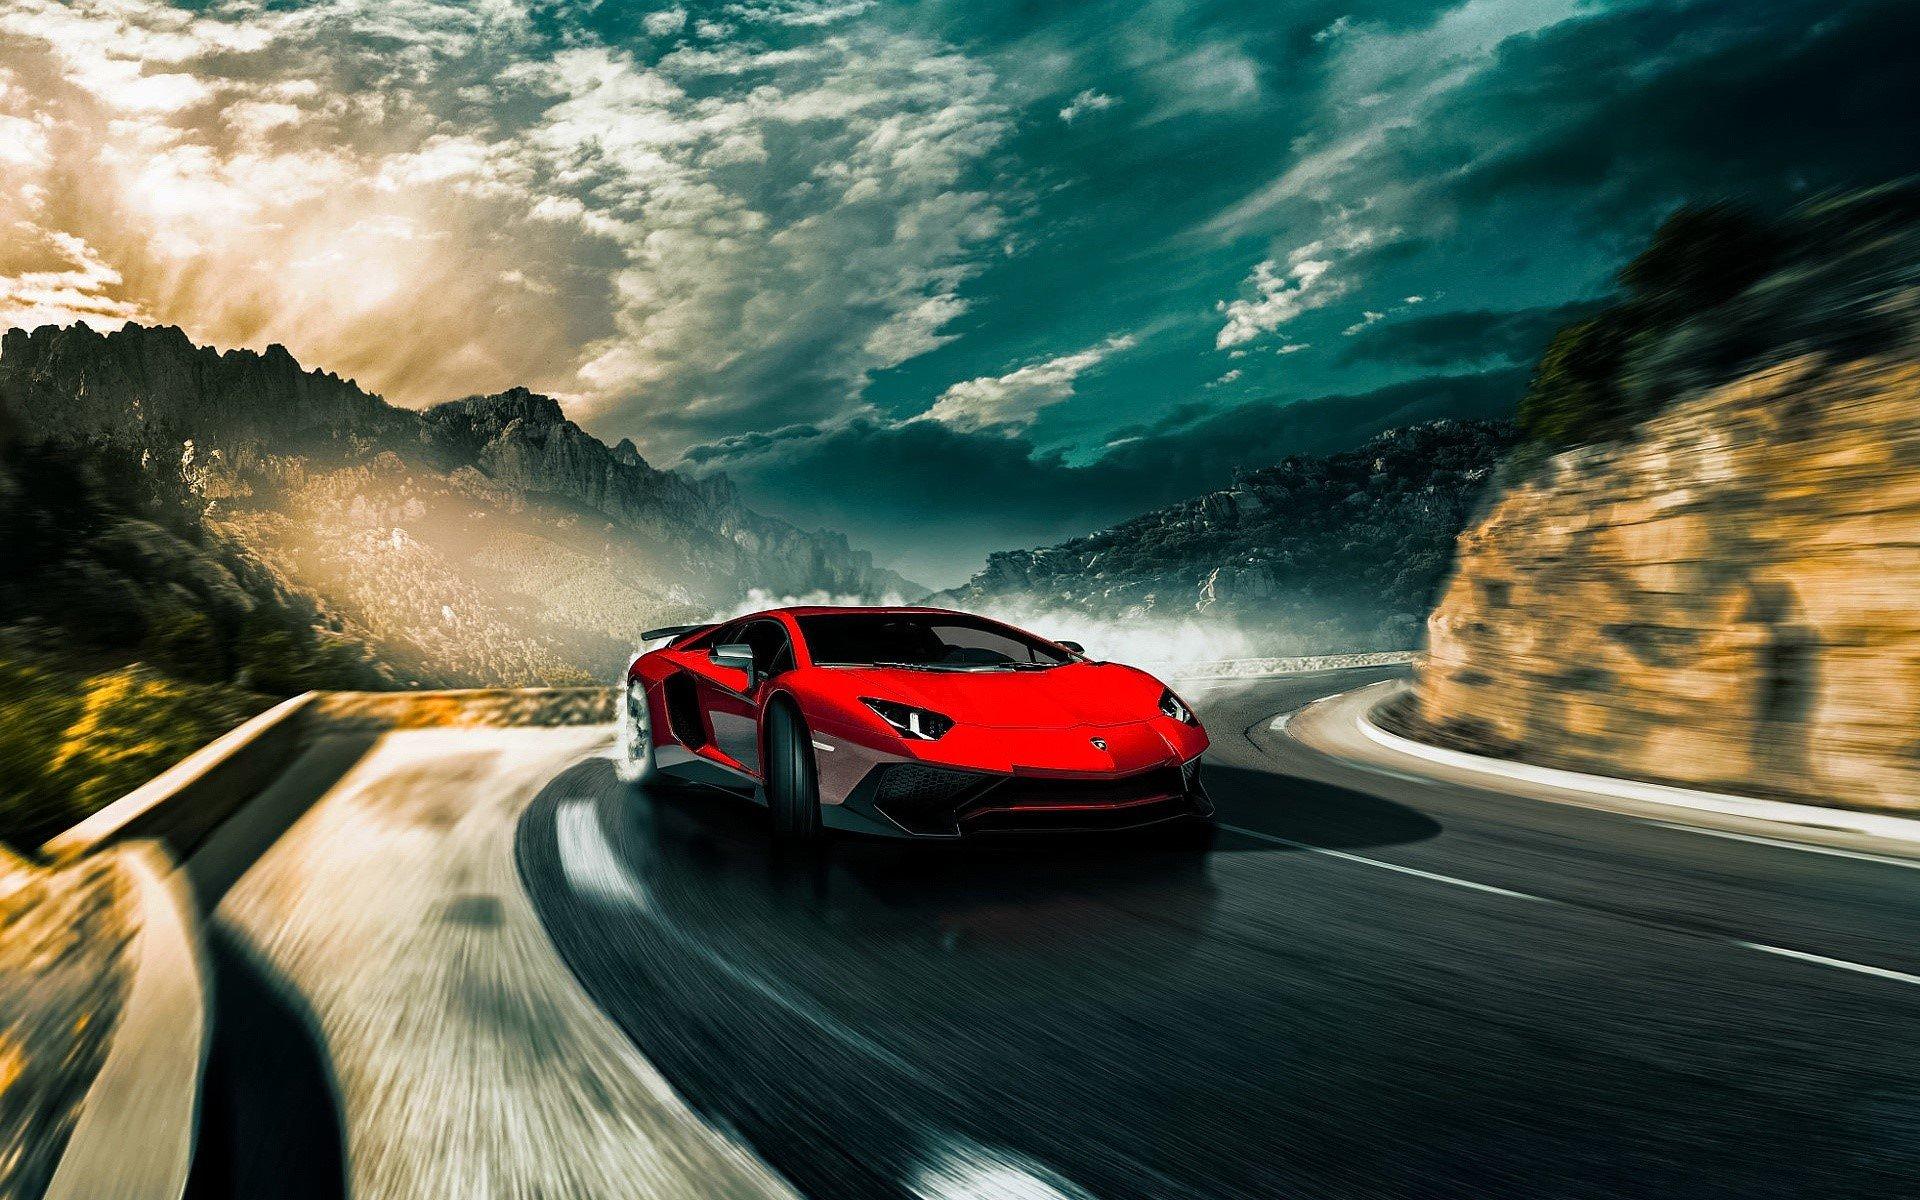 Fondo de pantalla de Lamborghini Aventador SV LP750 4 Imágenes